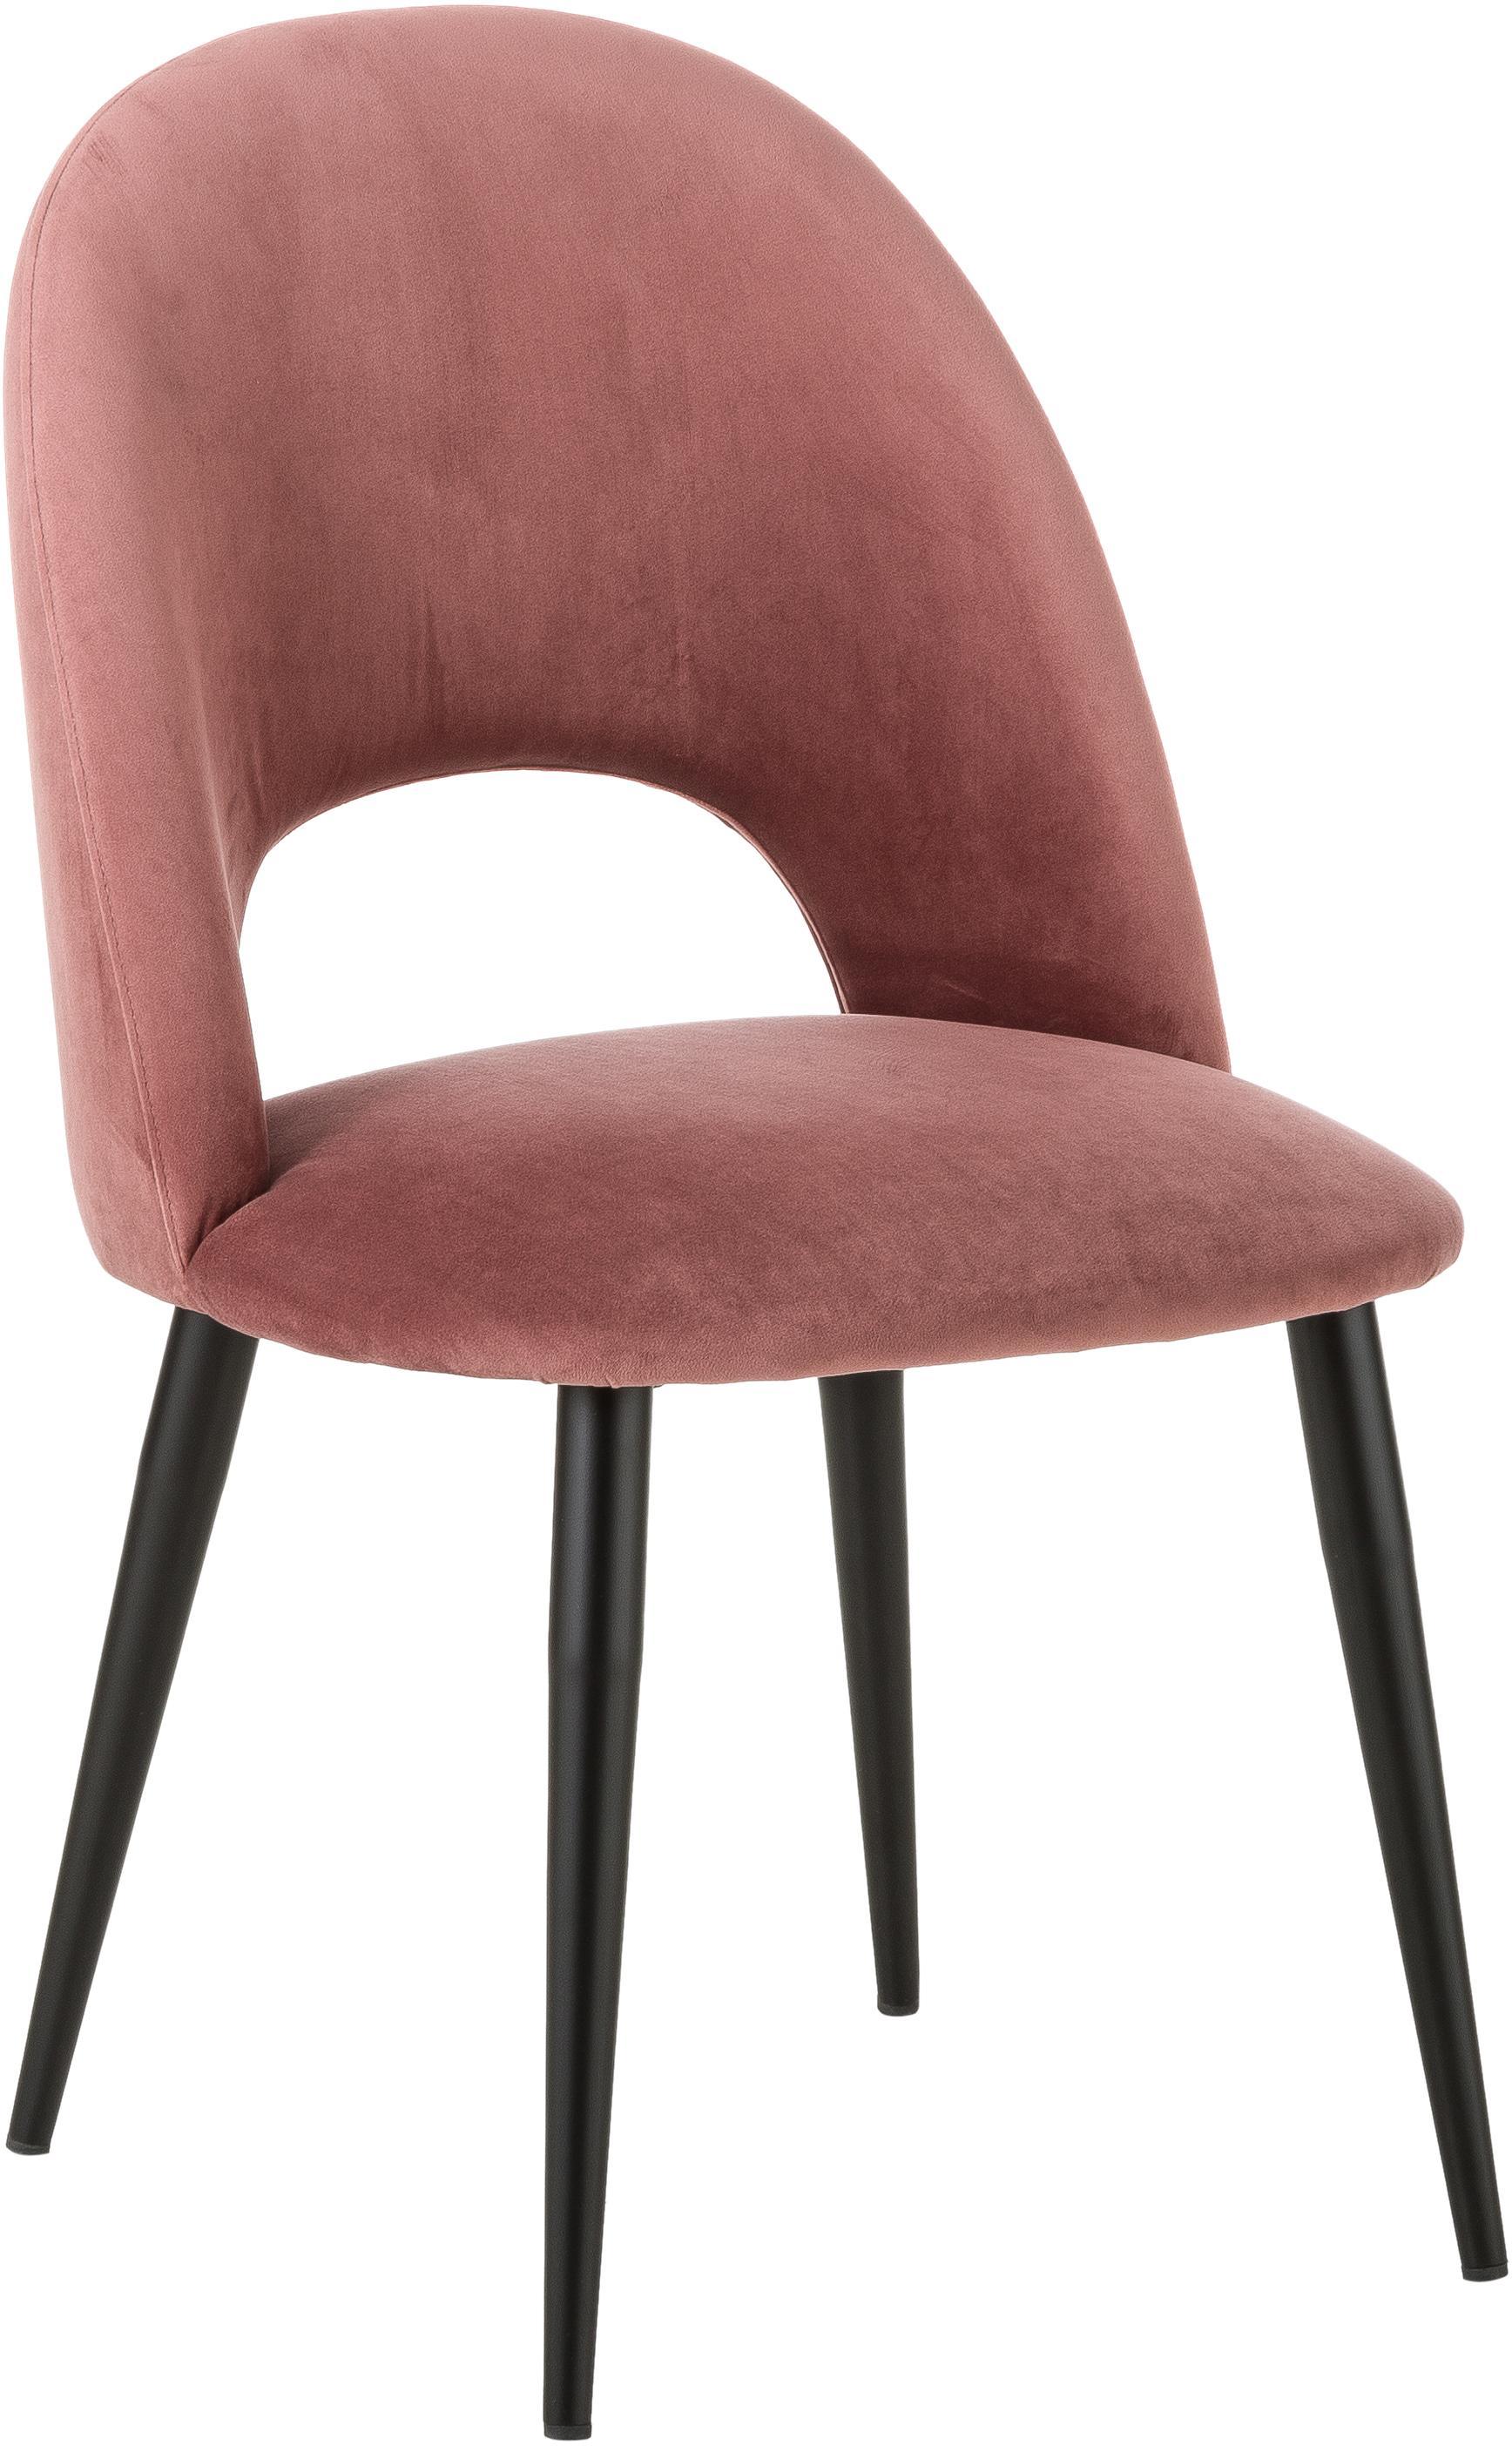 Fluwelen stoel Rachel, Bekleding: fluweel (hoogwaardige pol, Poten: gepoedercoat metaal, Fluweel oudroze, B 53 x D 57 cm